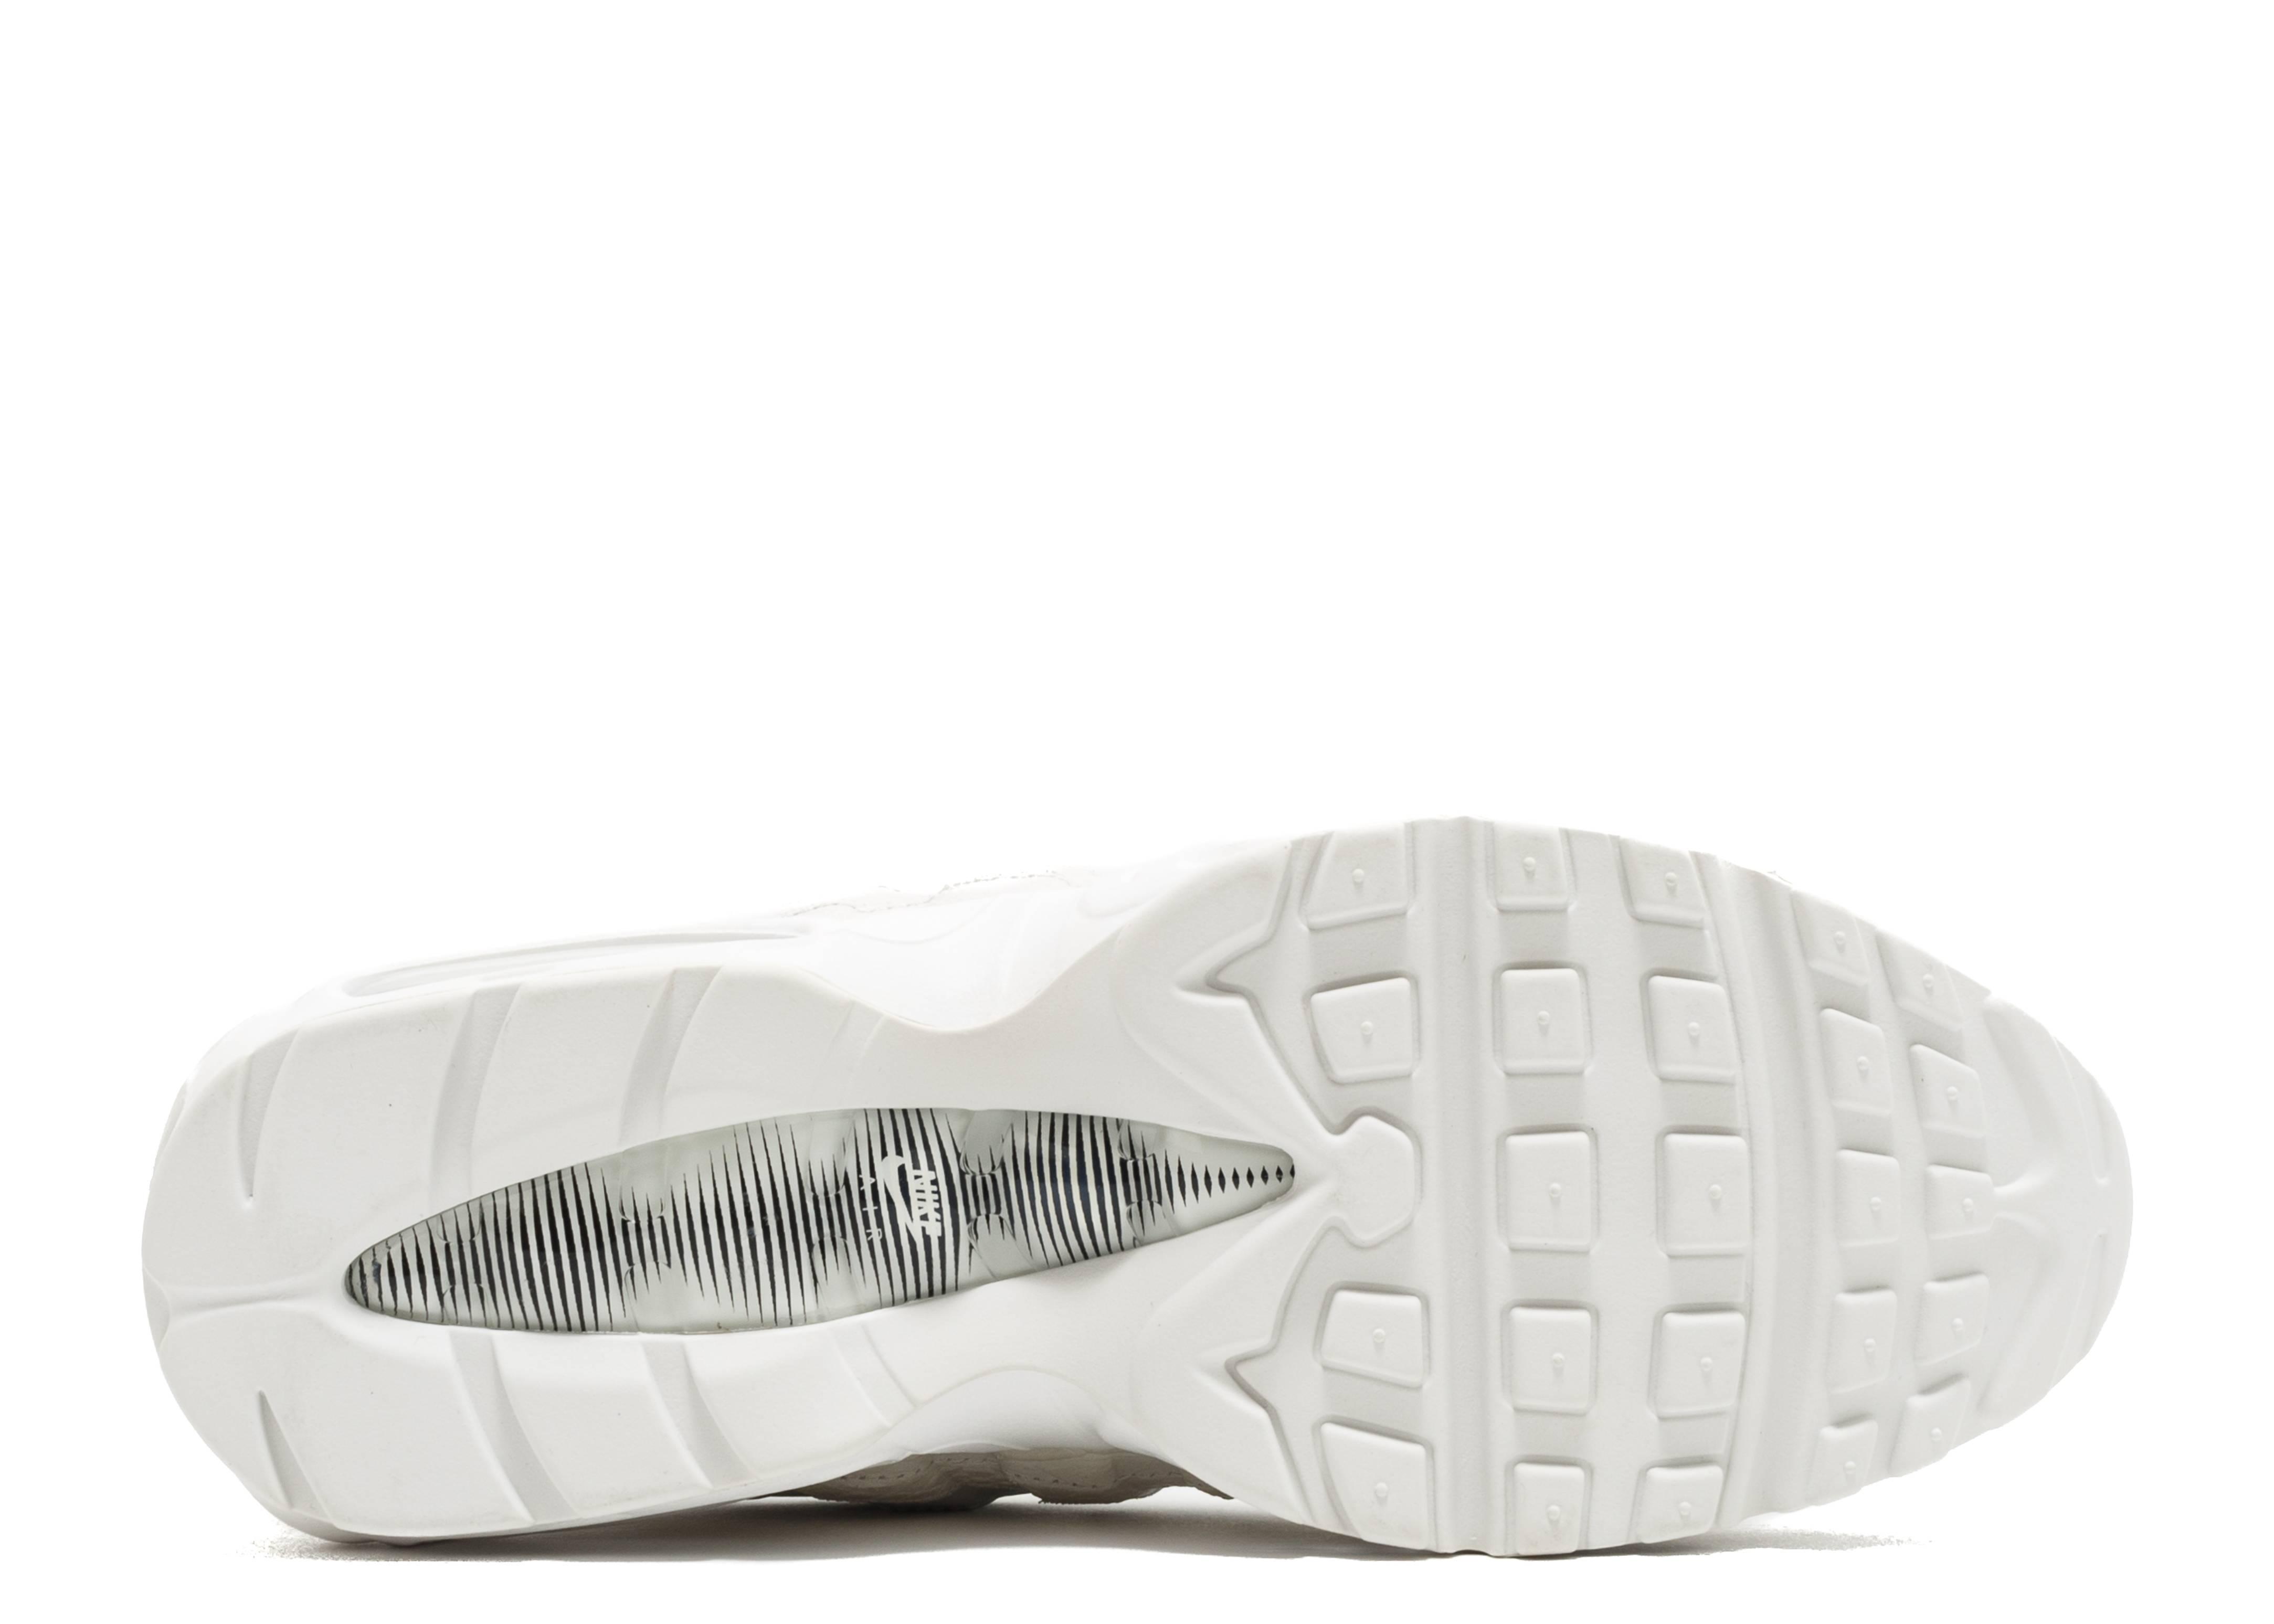 Air Max 95 Prm 'Summer Scales' Nike 538416 100 Weiß